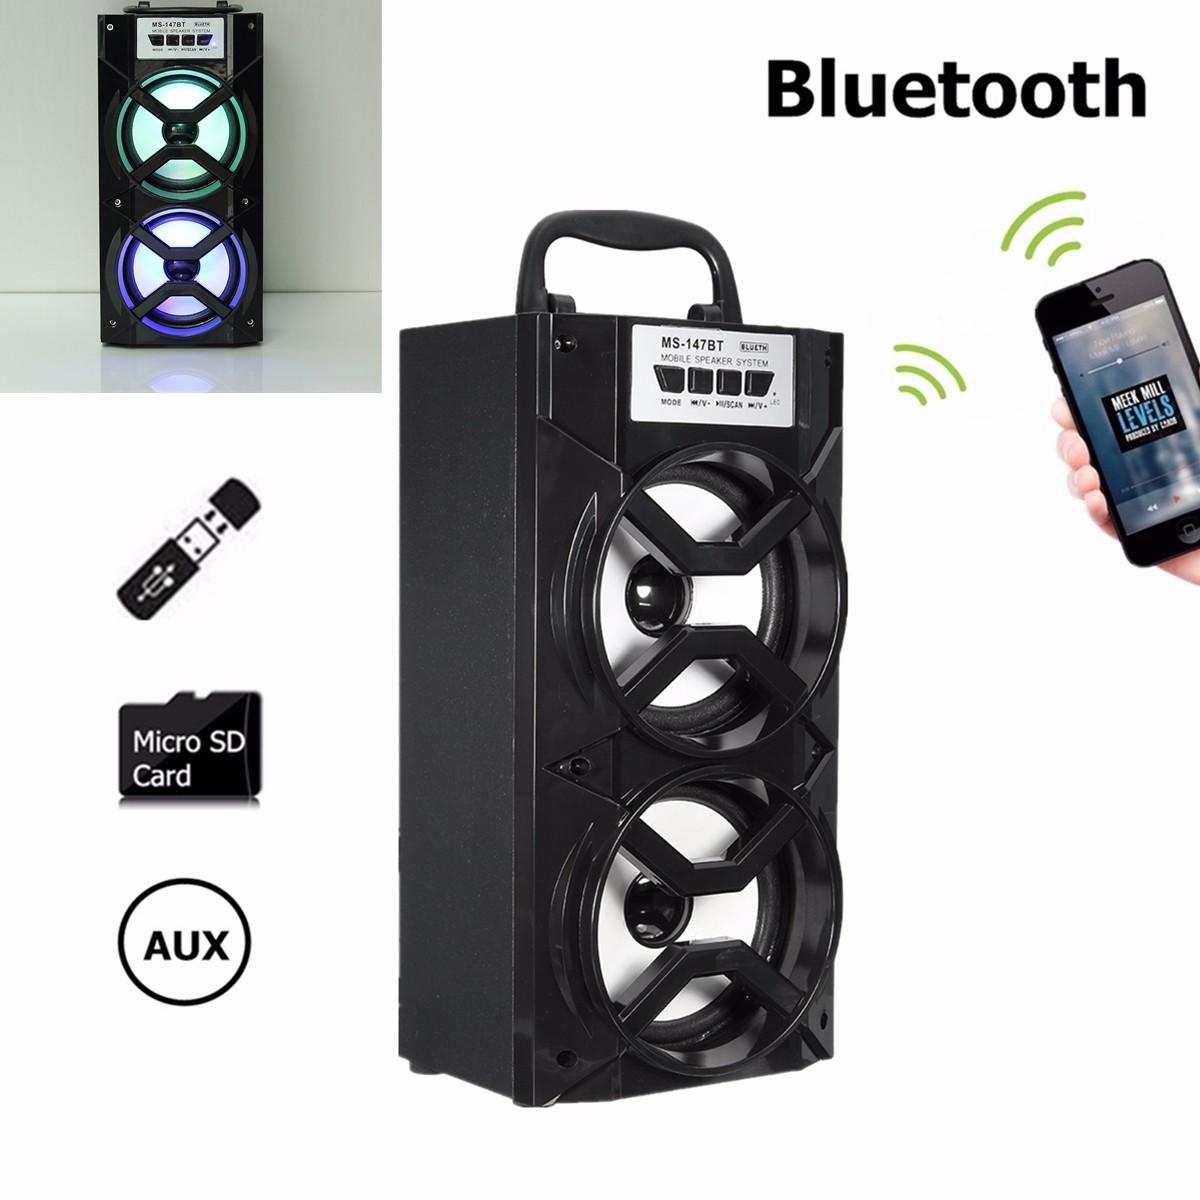 Streng Bluetooth Lautsprecher Mobil Usb Sd Aux Mp3 Player Radio Box Sound System Neu Handy-zubehör